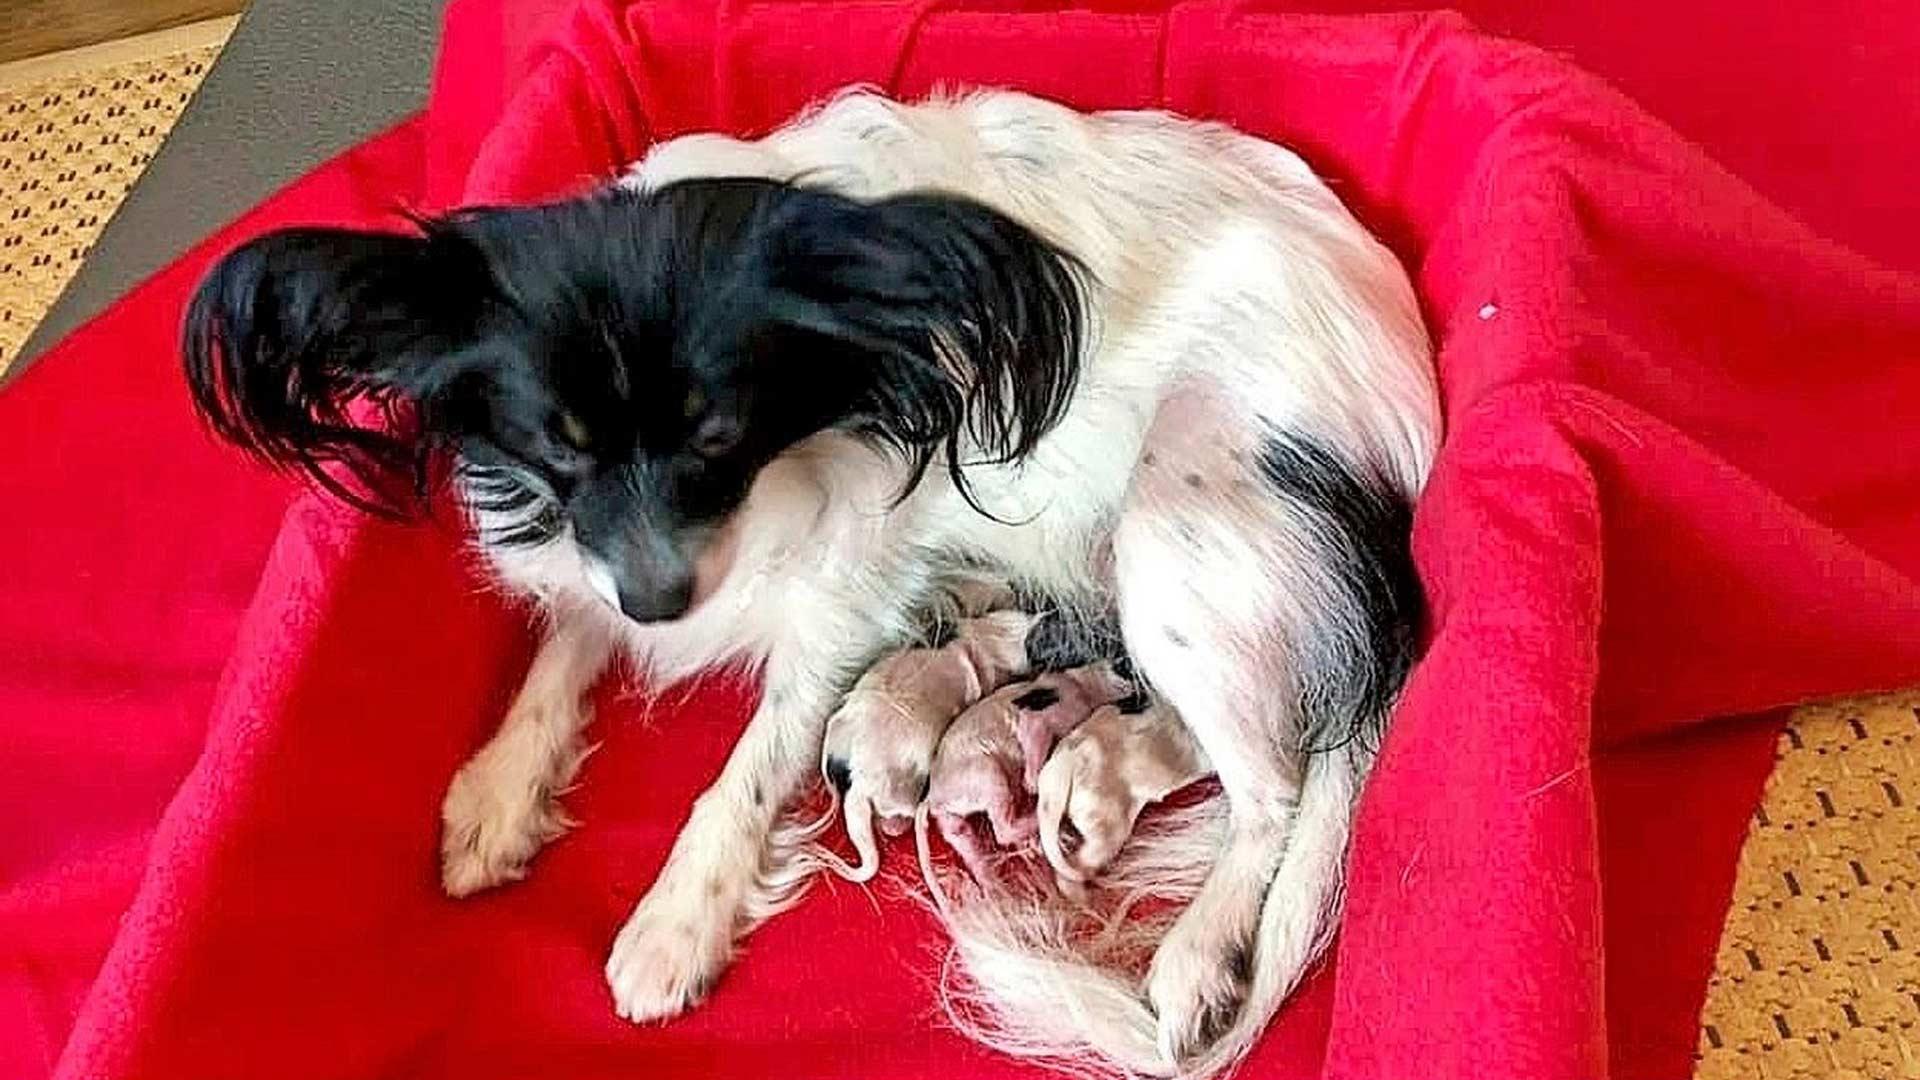 Milo, Napis ja Namu makasivat Murun suojissa hyvin sujuneen synnytyksen jälkeen 5. lokakuuta 2019.